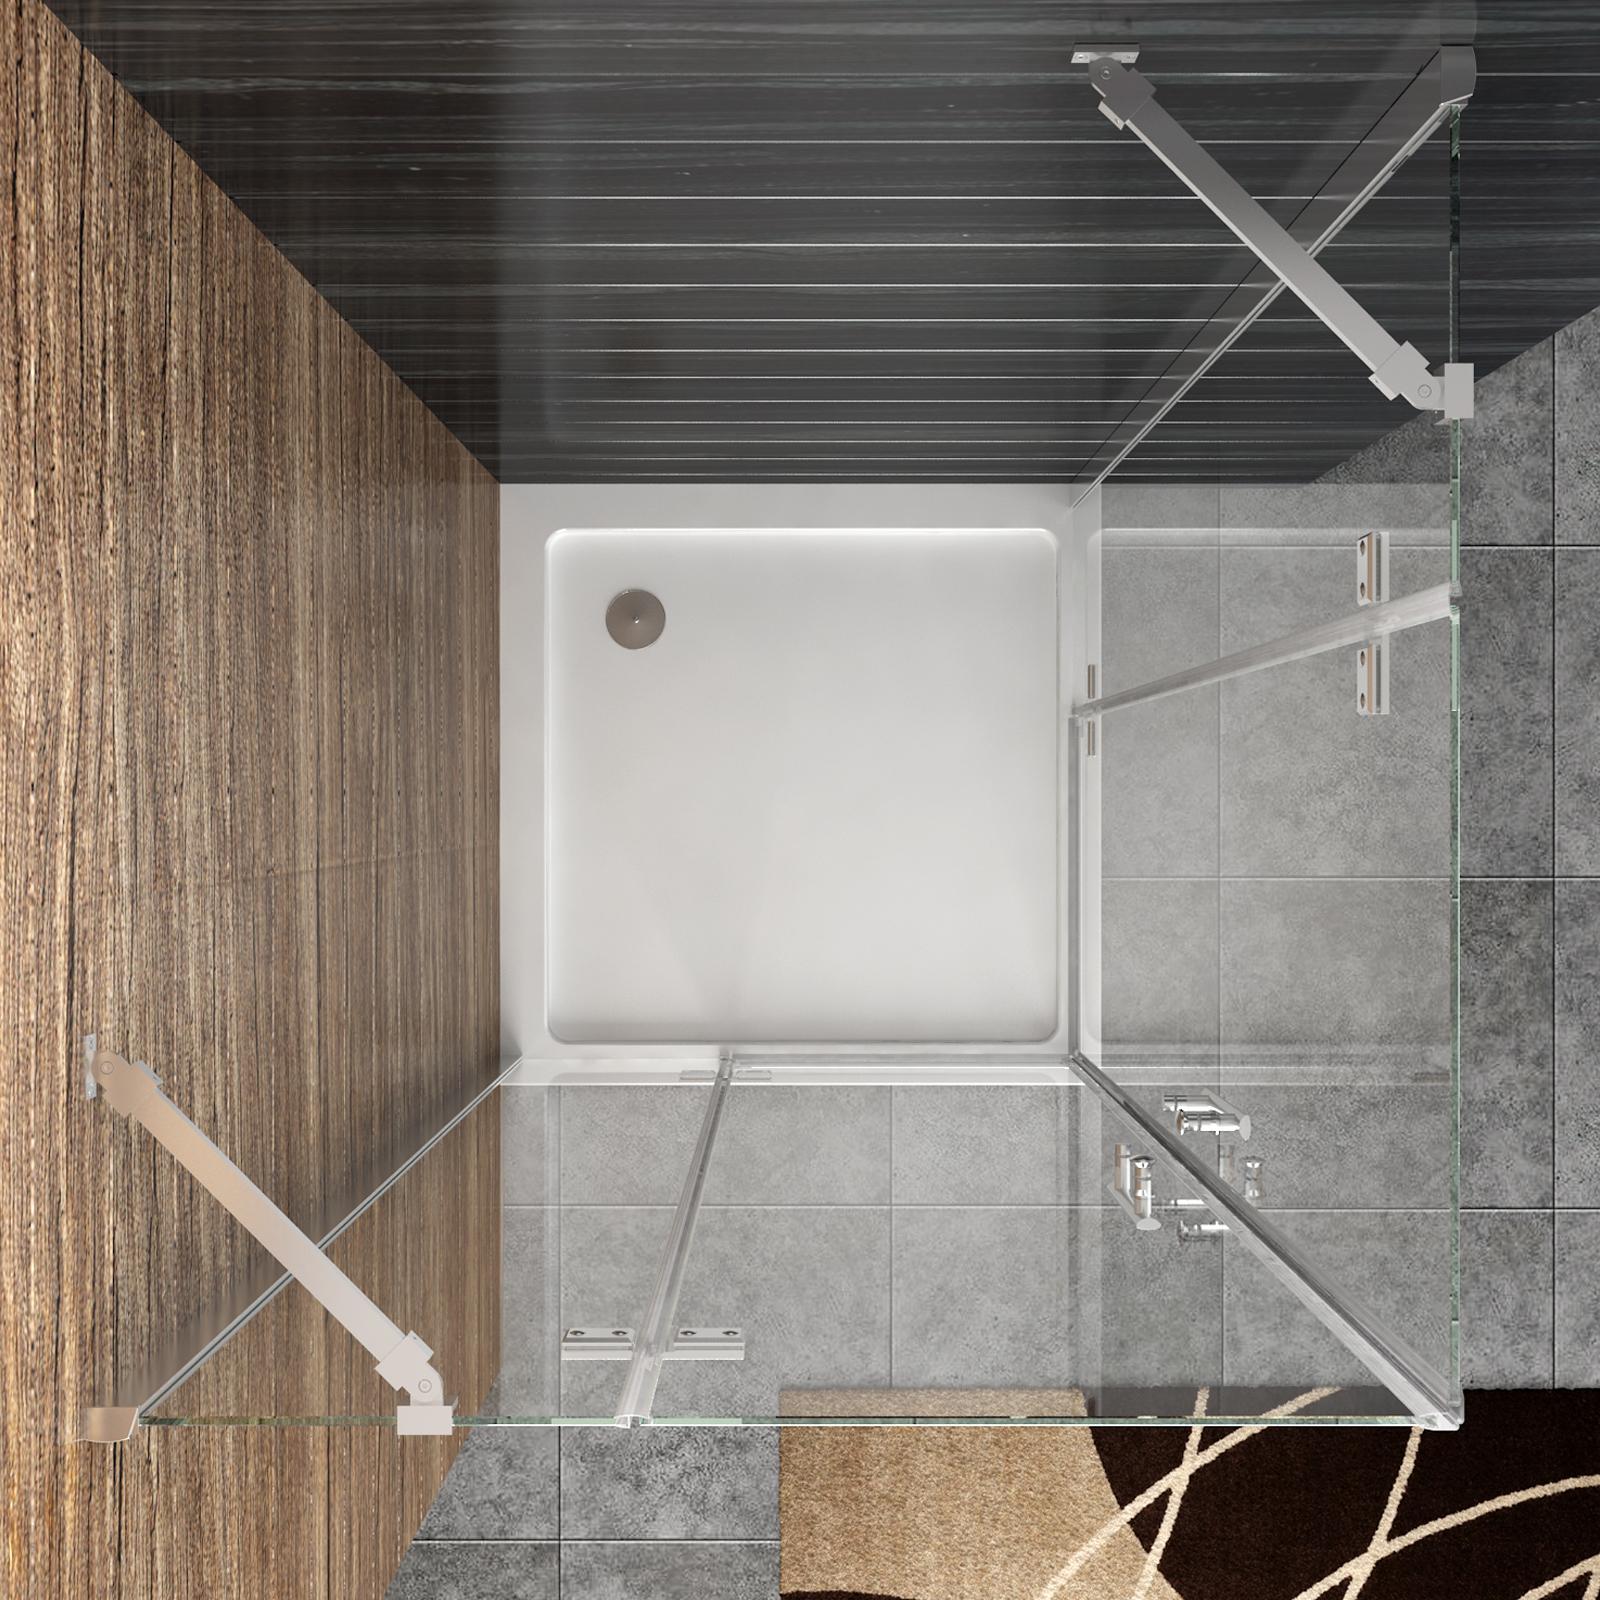 duschkabine eckeinstieg 120x90 duschabtrennung duschwand duscht r mit duschtasse ebay. Black Bedroom Furniture Sets. Home Design Ideas